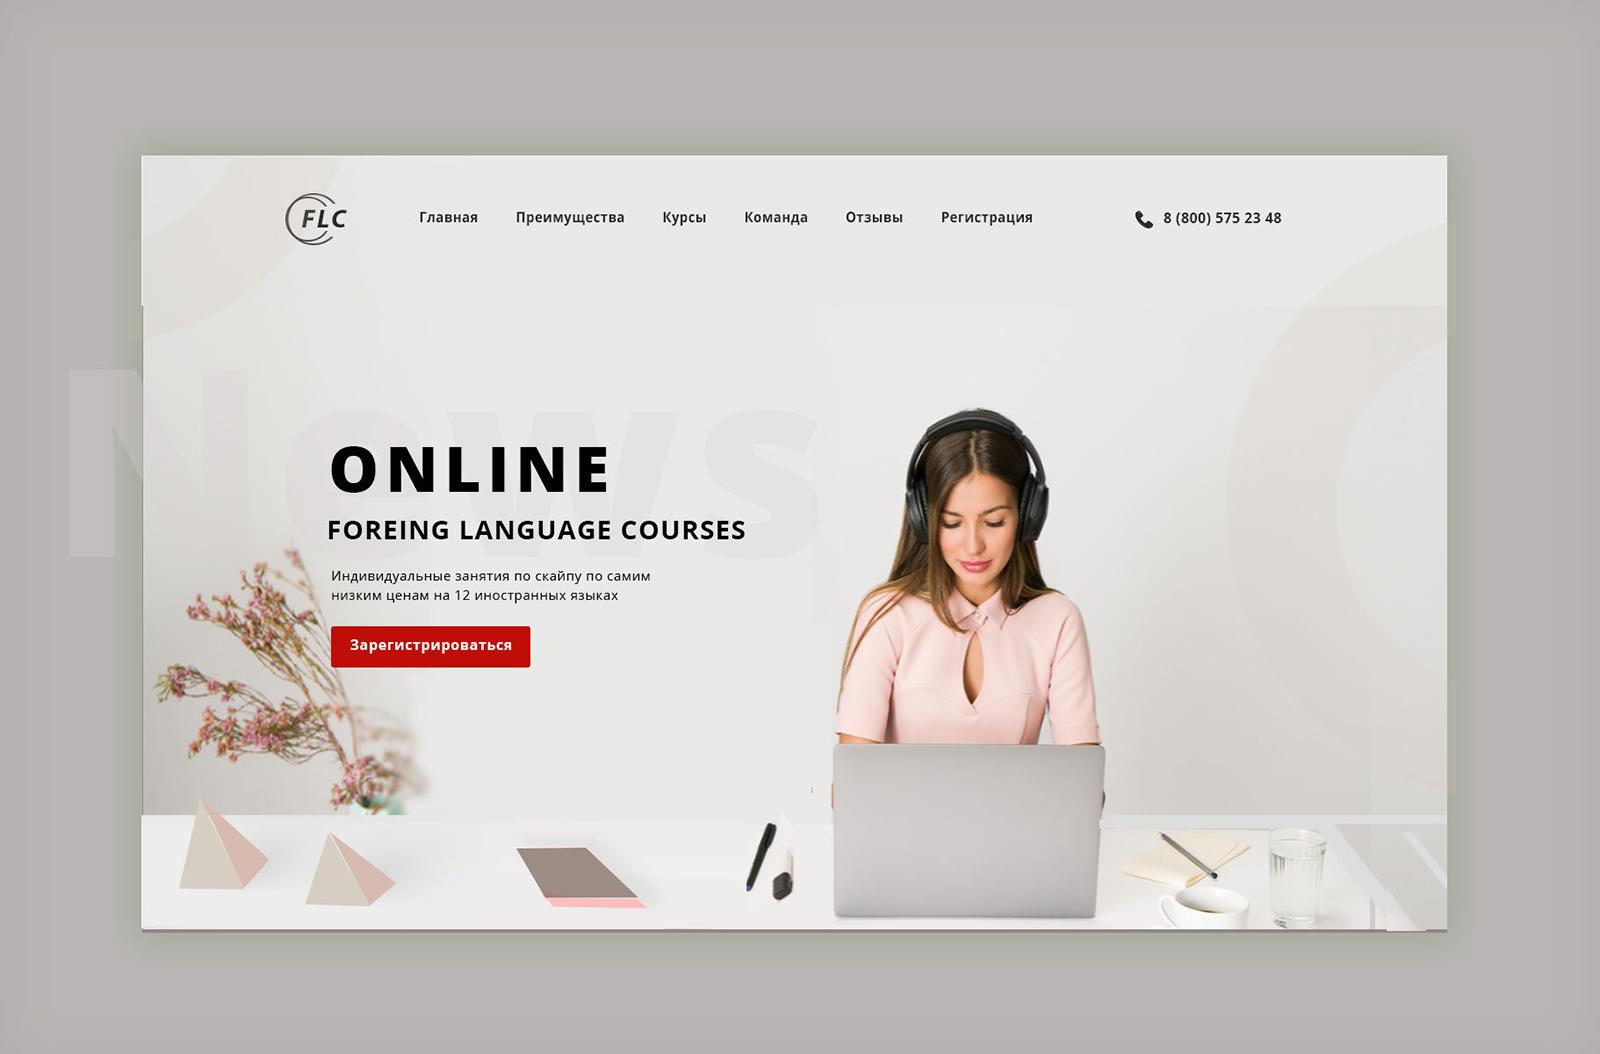 Online foreing language courses/Онлайн курсы иностранных языков